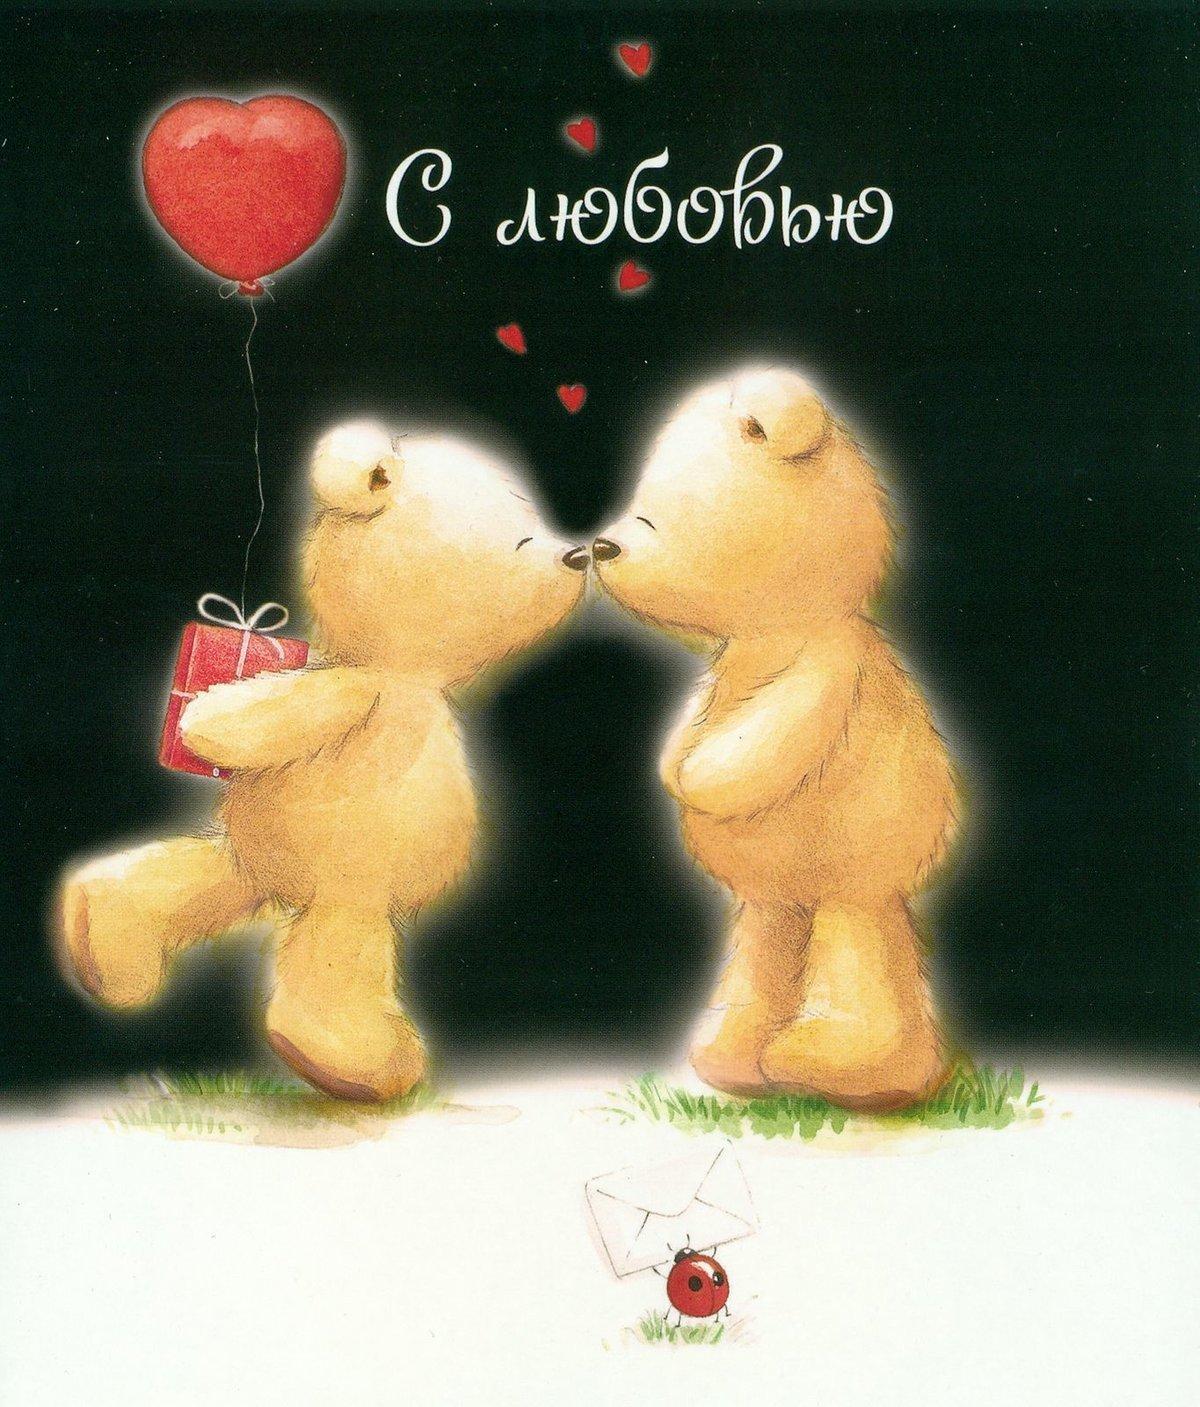 Картинках для, открытки с любовью мужчине